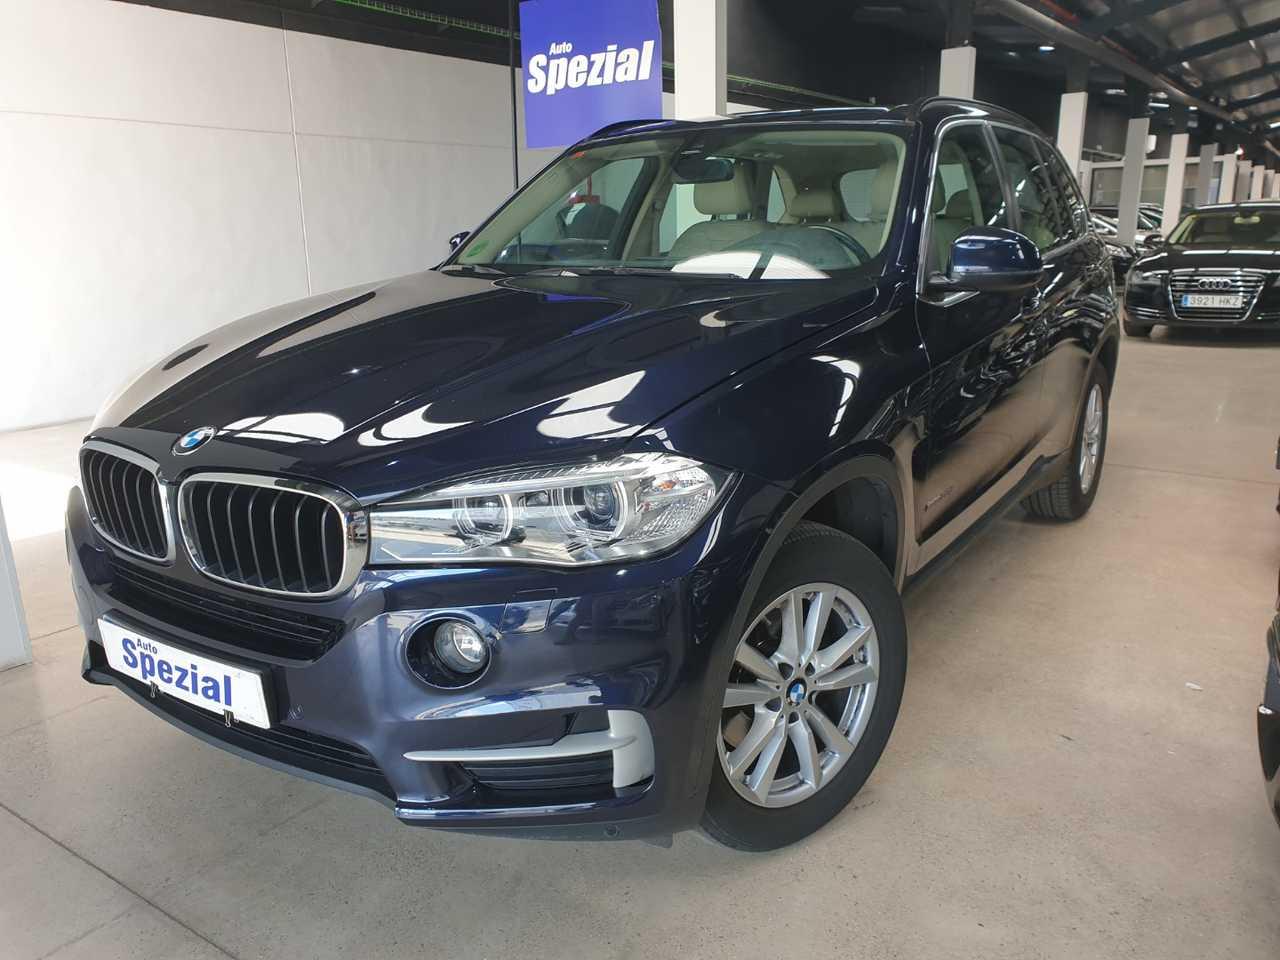 BMW X5 25d stronic 218cv  - Foto 1